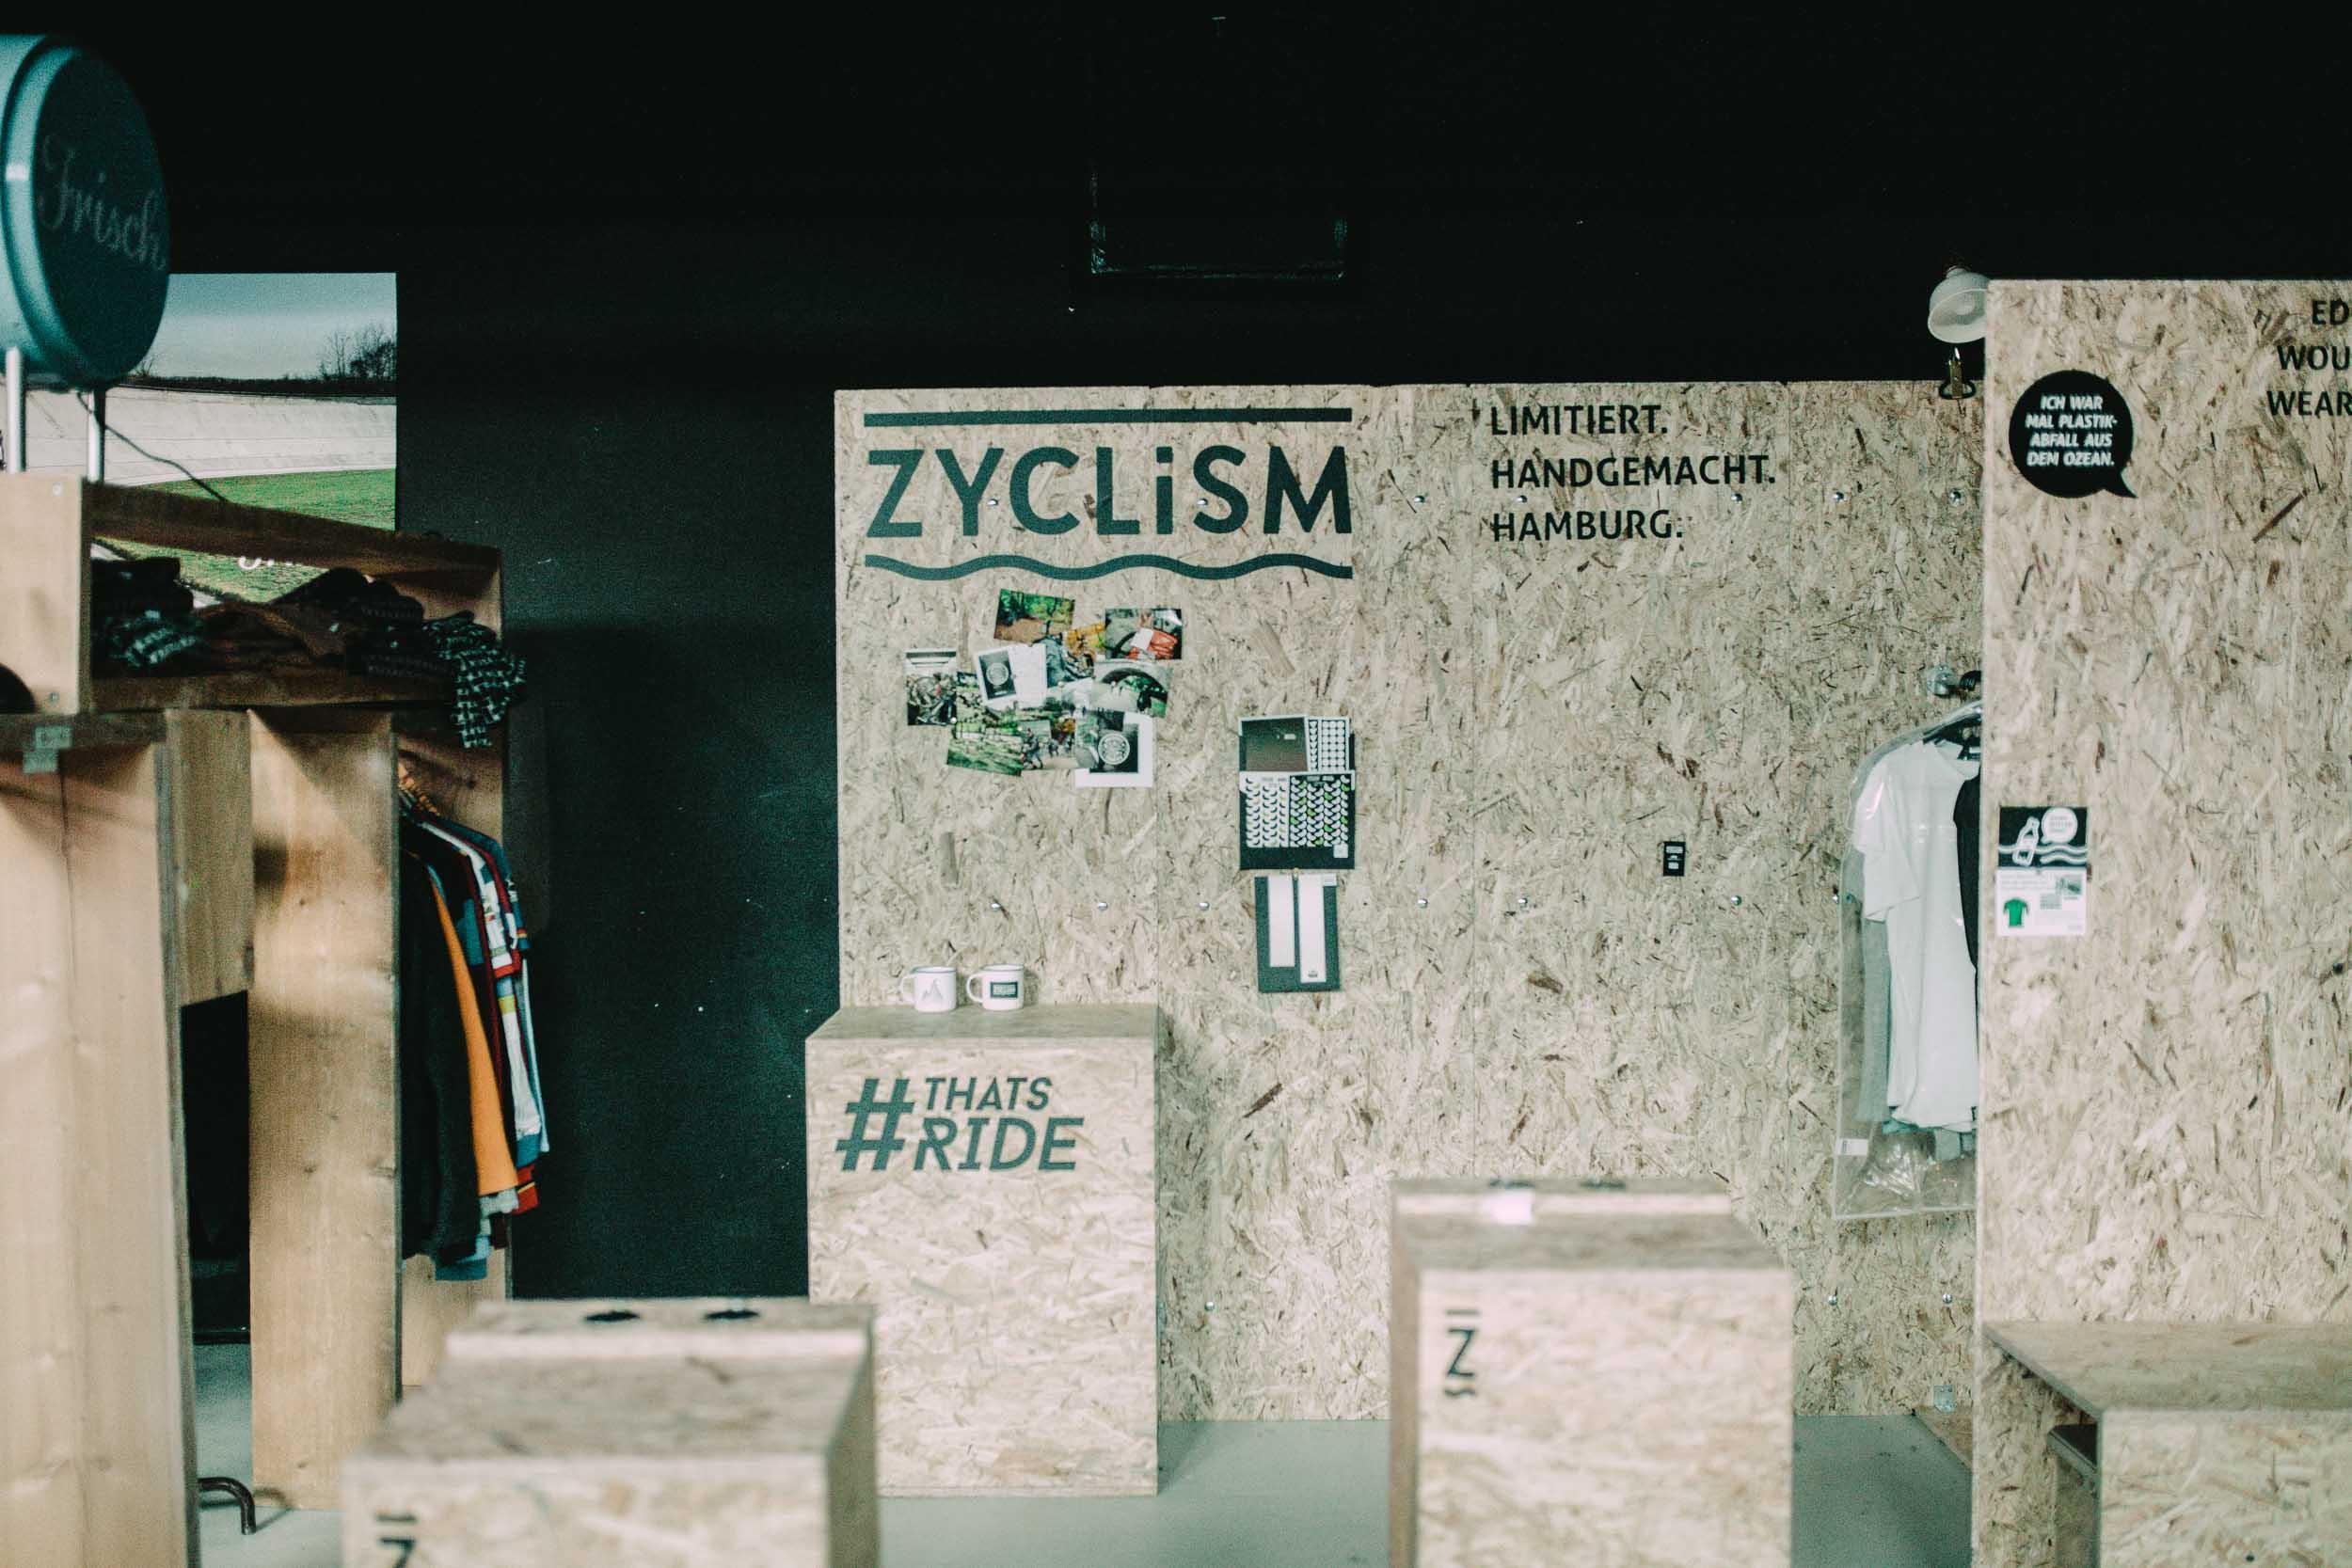 ZYCLISM